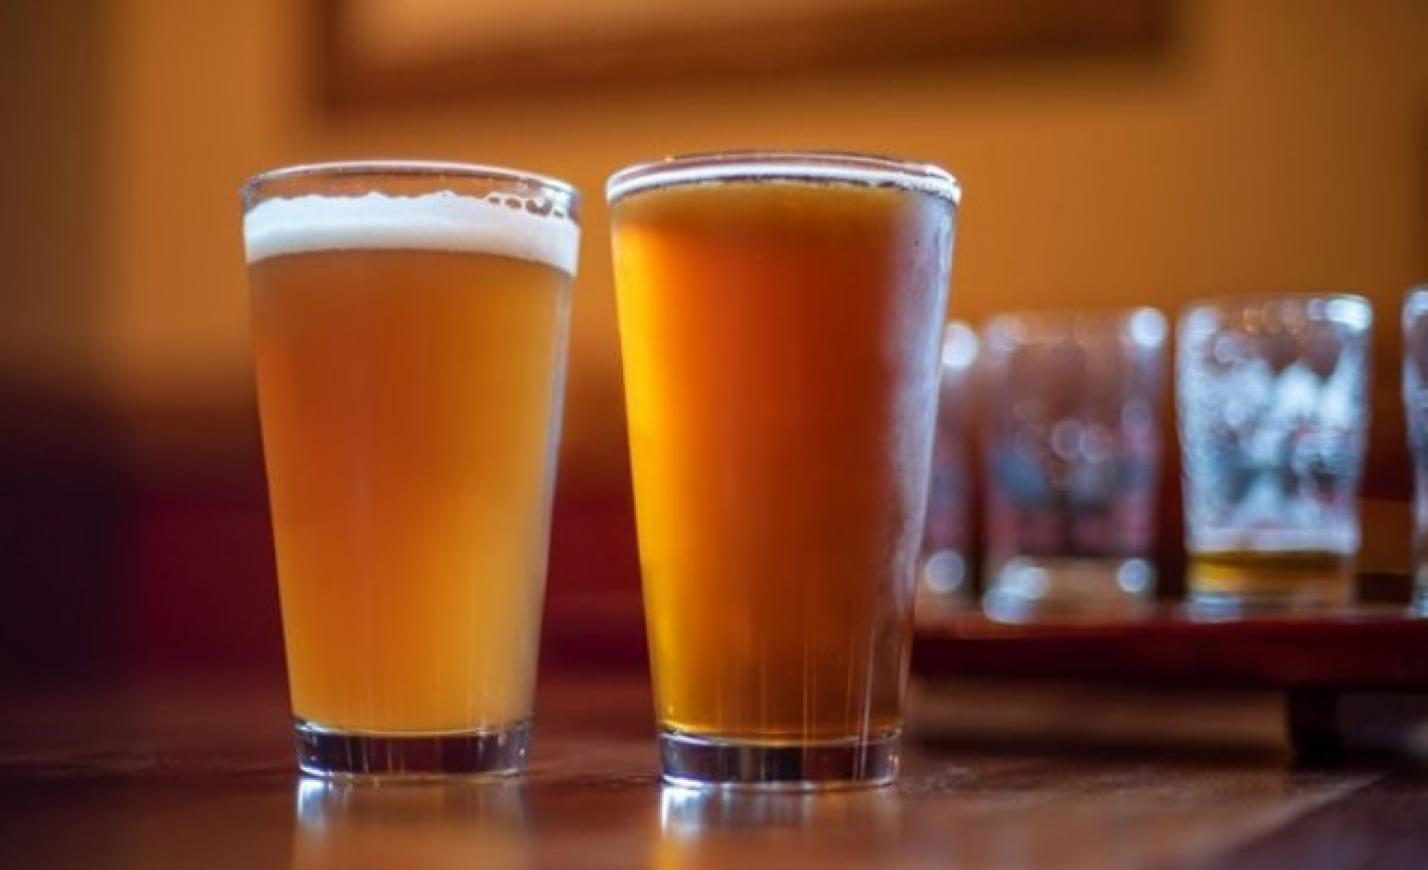 Új termékkel erősít a Borsodi: június végén érkezik a boltokba a különleges sör